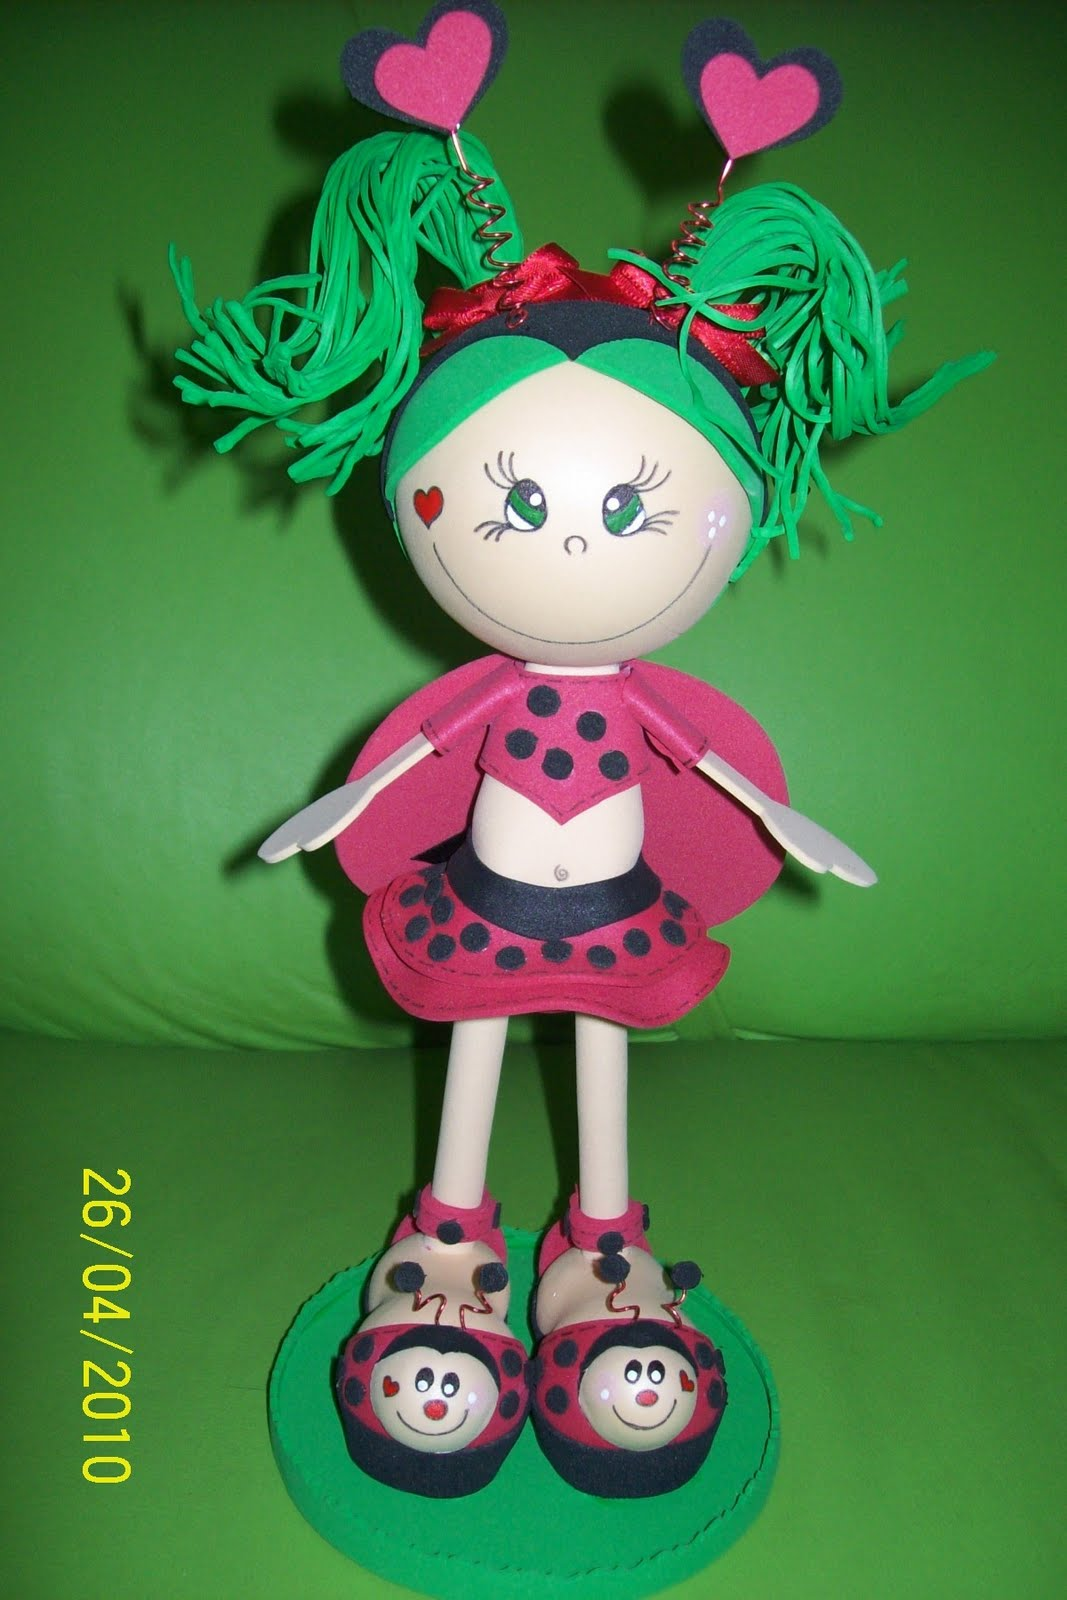 Bonecas 3D Bichinhos De EVA